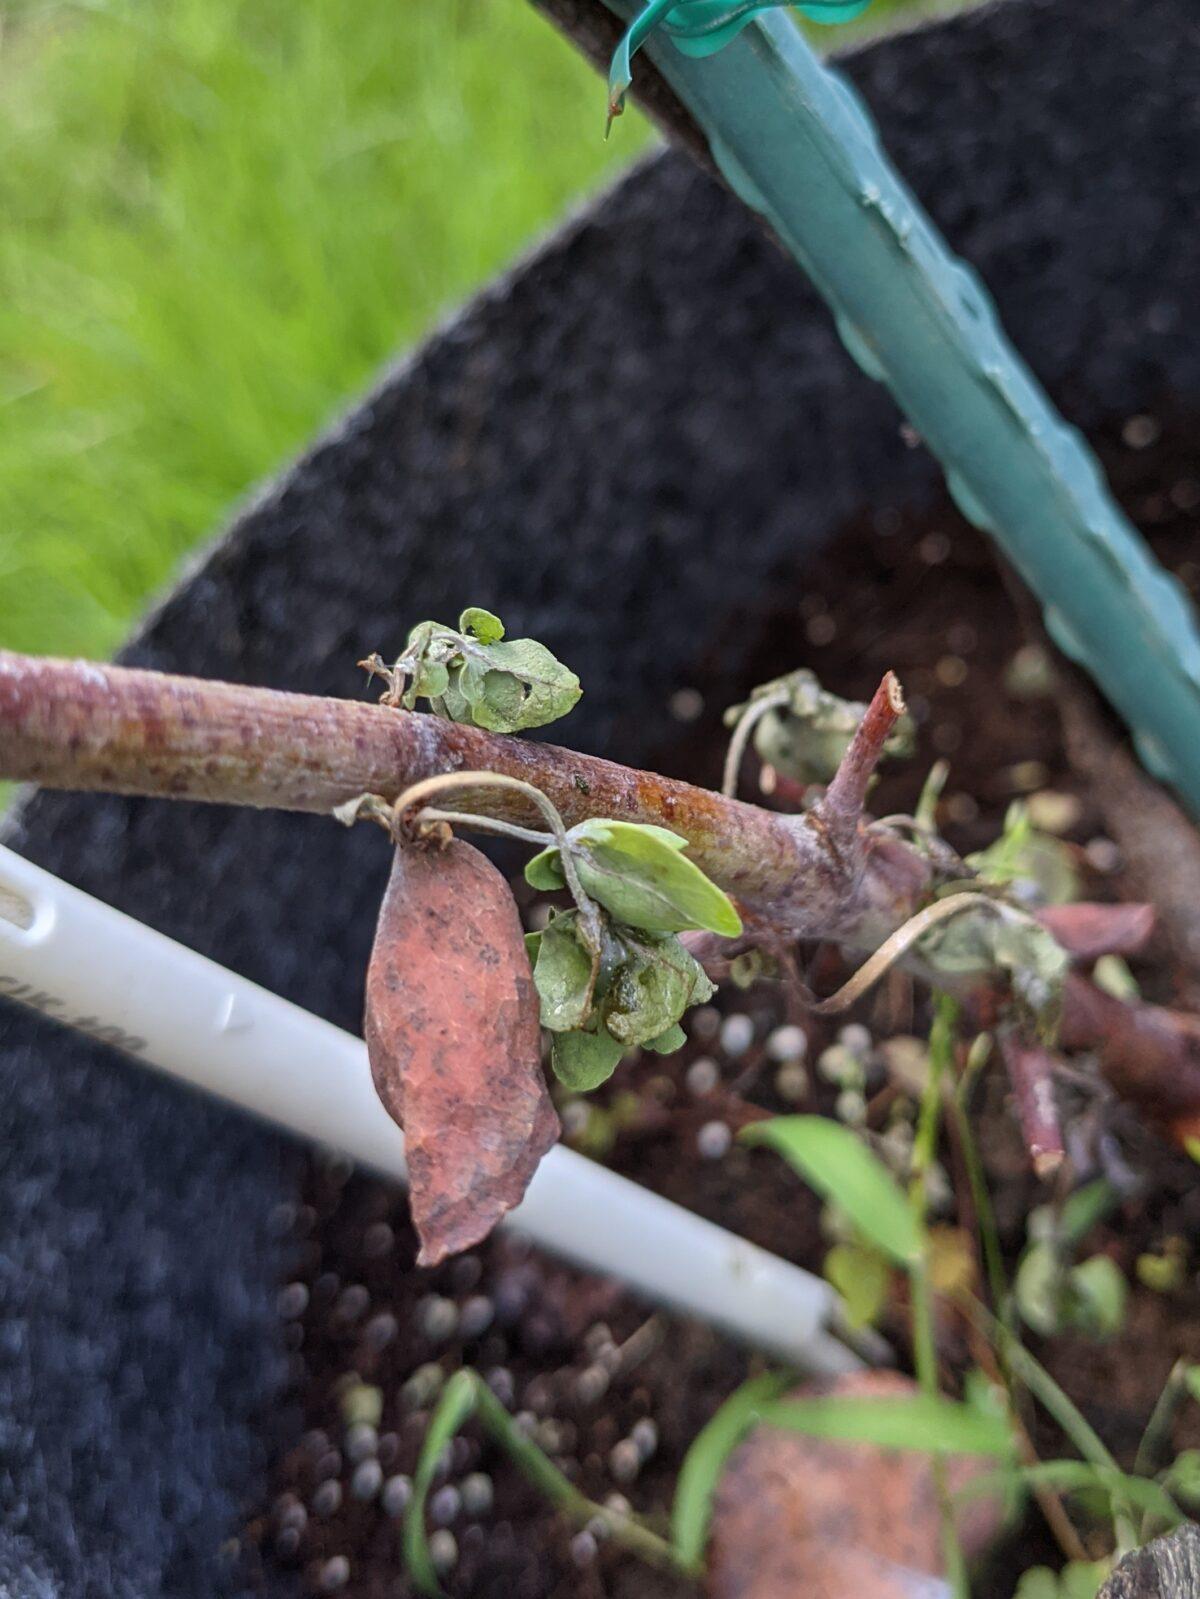 枯れたユーカリから出た芽が枯れました。やっぱりダメだったか…いやまてよ…?